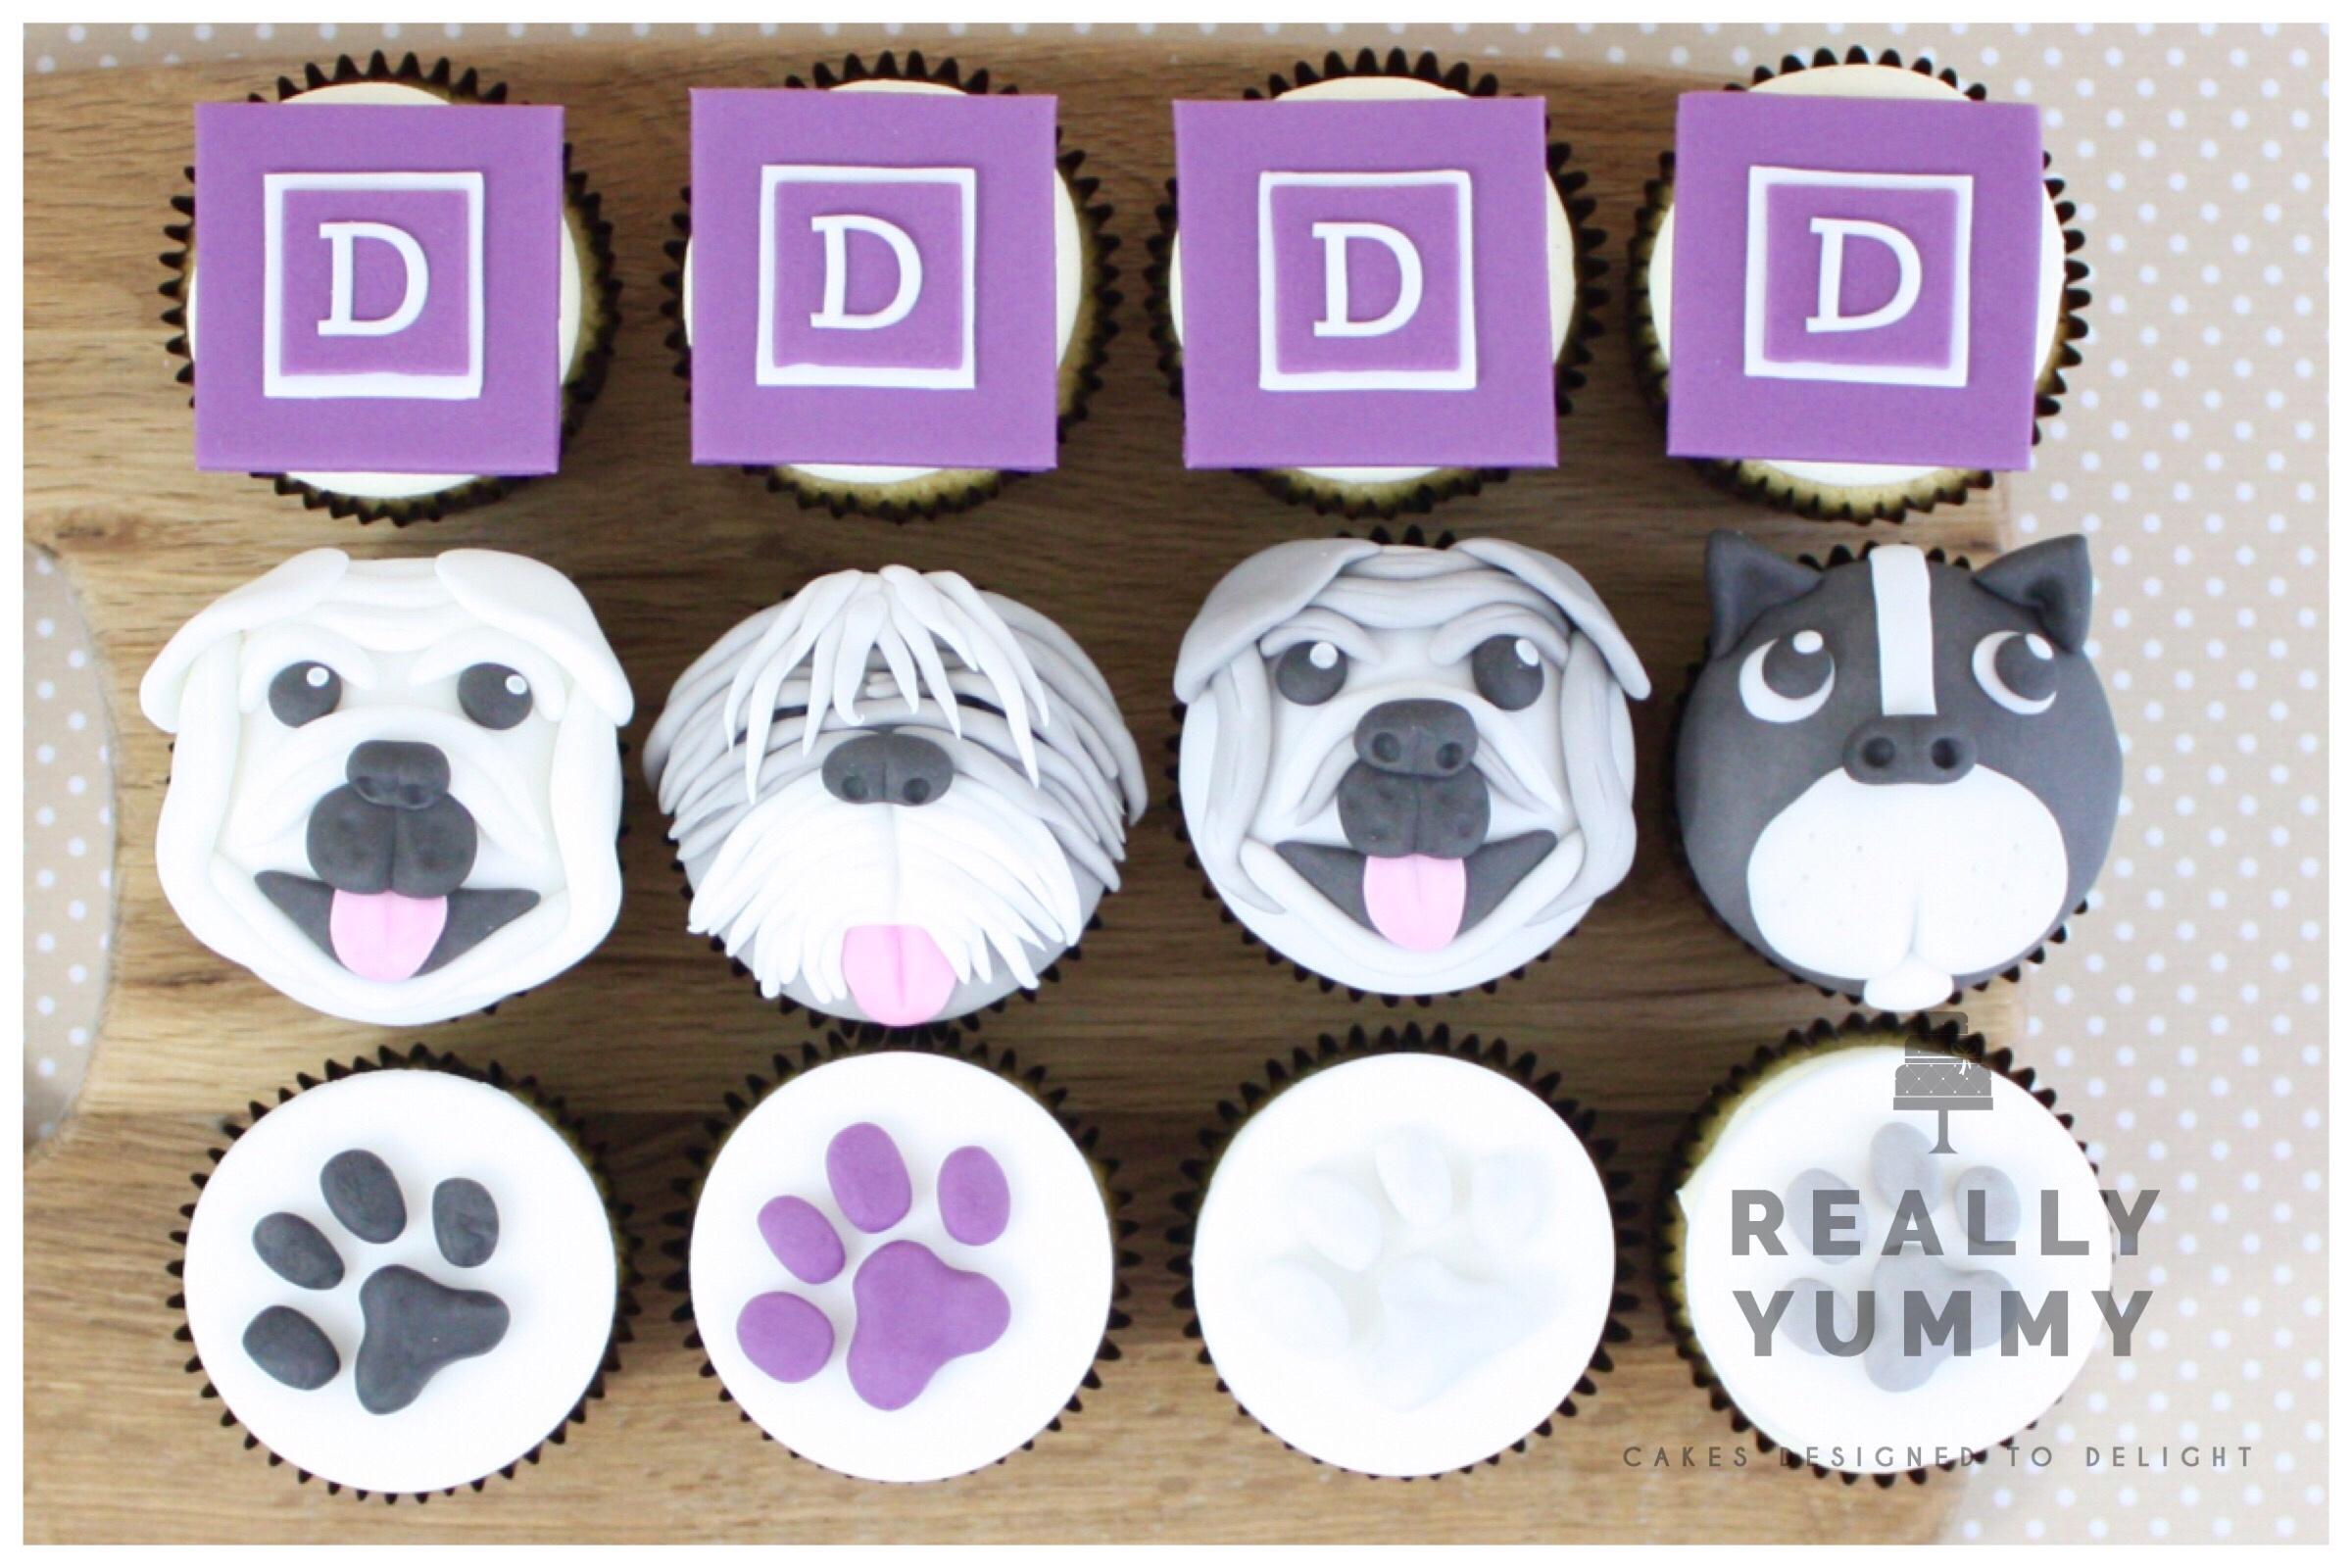 Dybles dog cupcakes